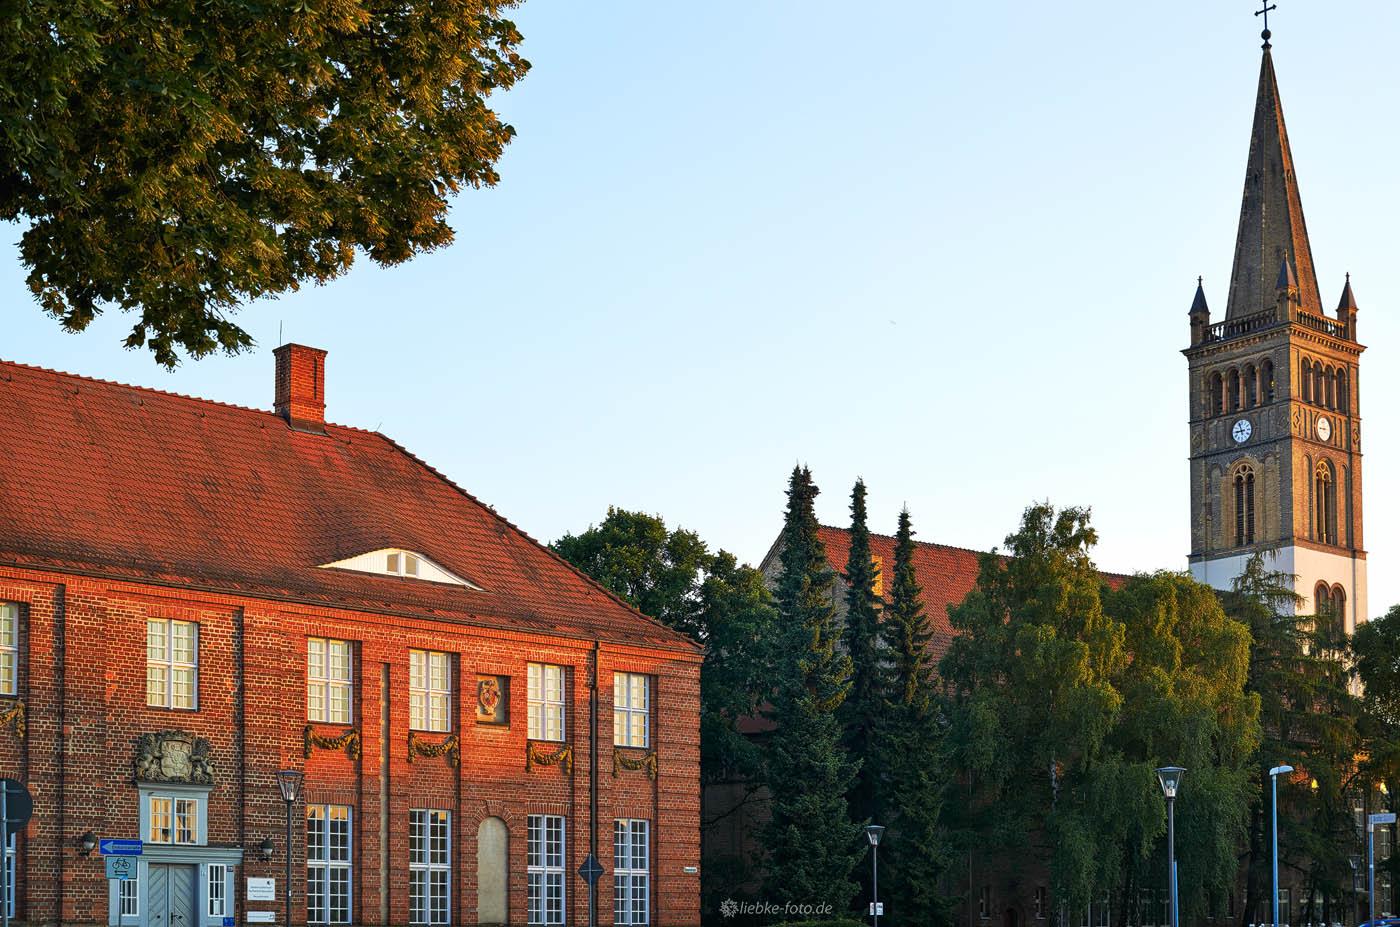 Historisches Waisenhaus und Kirche Oranienburg